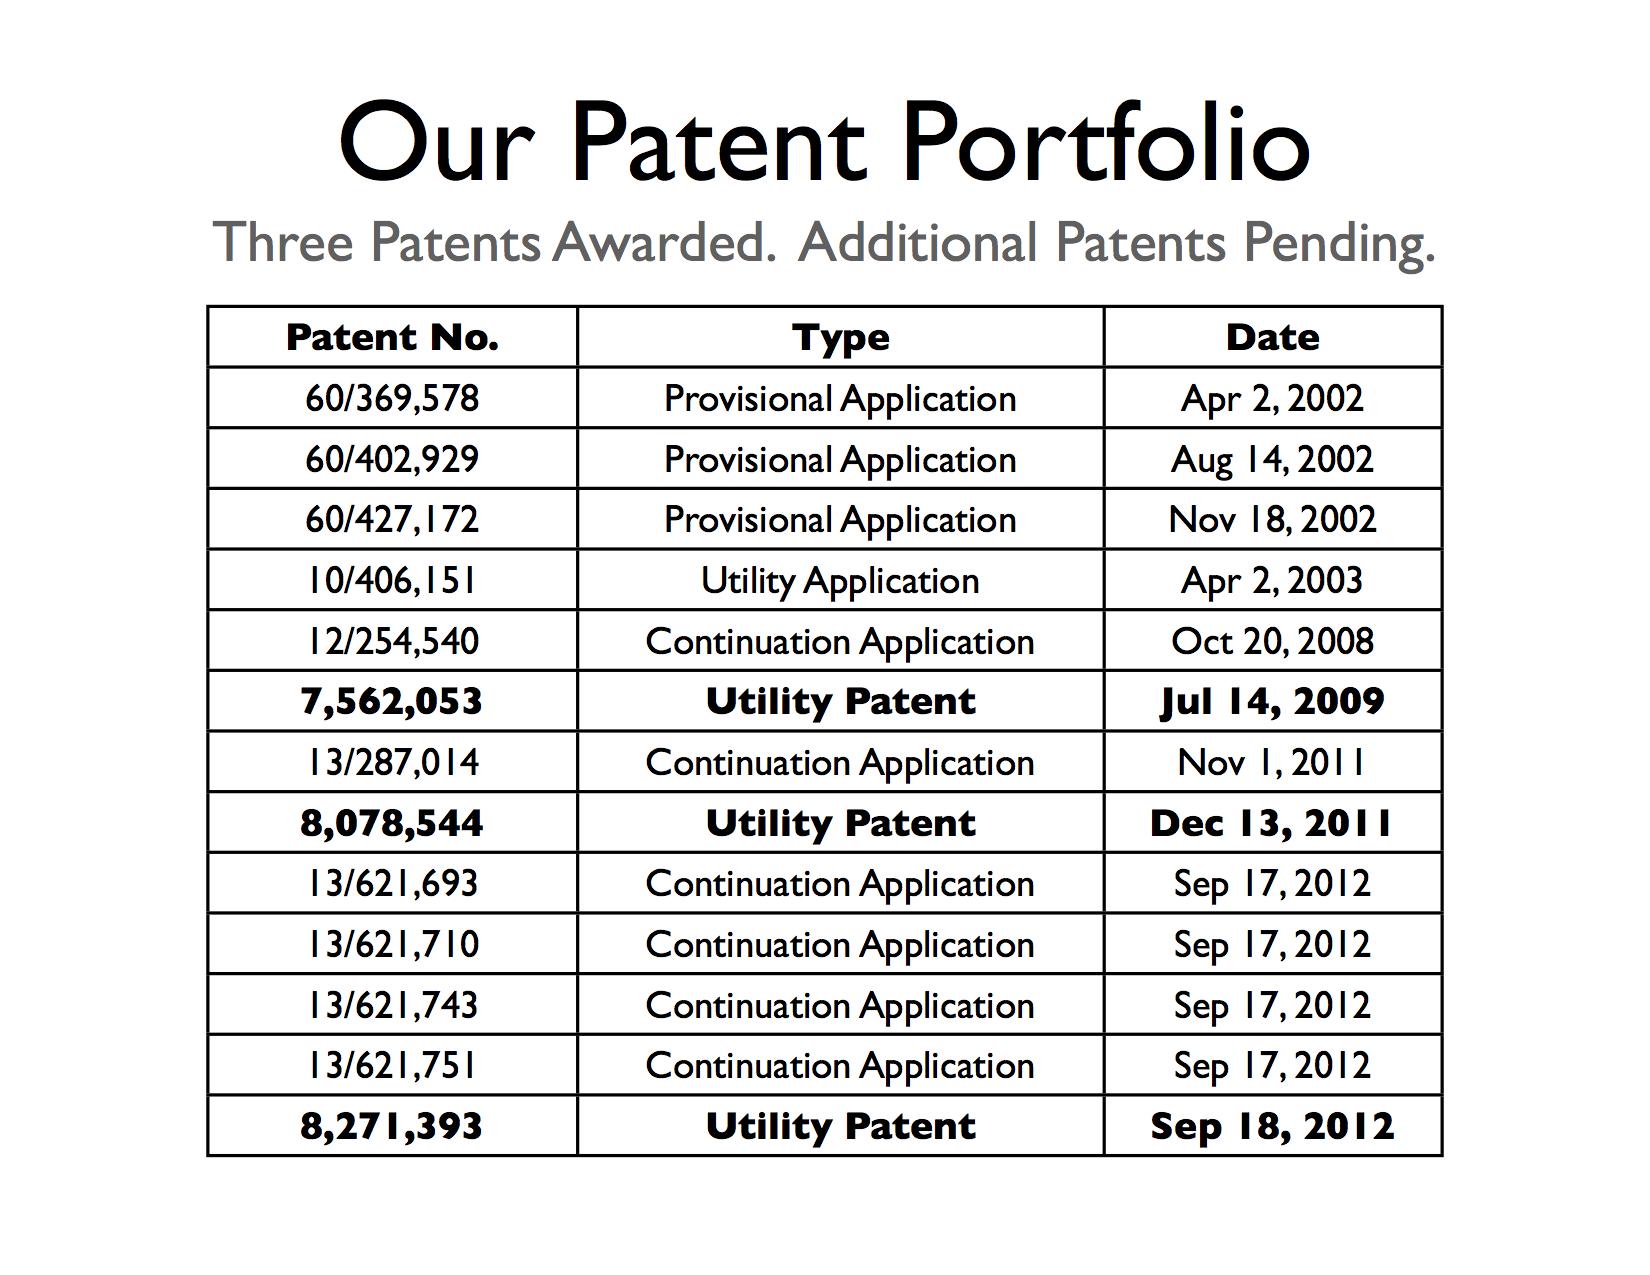 2012-09-18-Oui-Agree-Patent-Portfolio.jpg